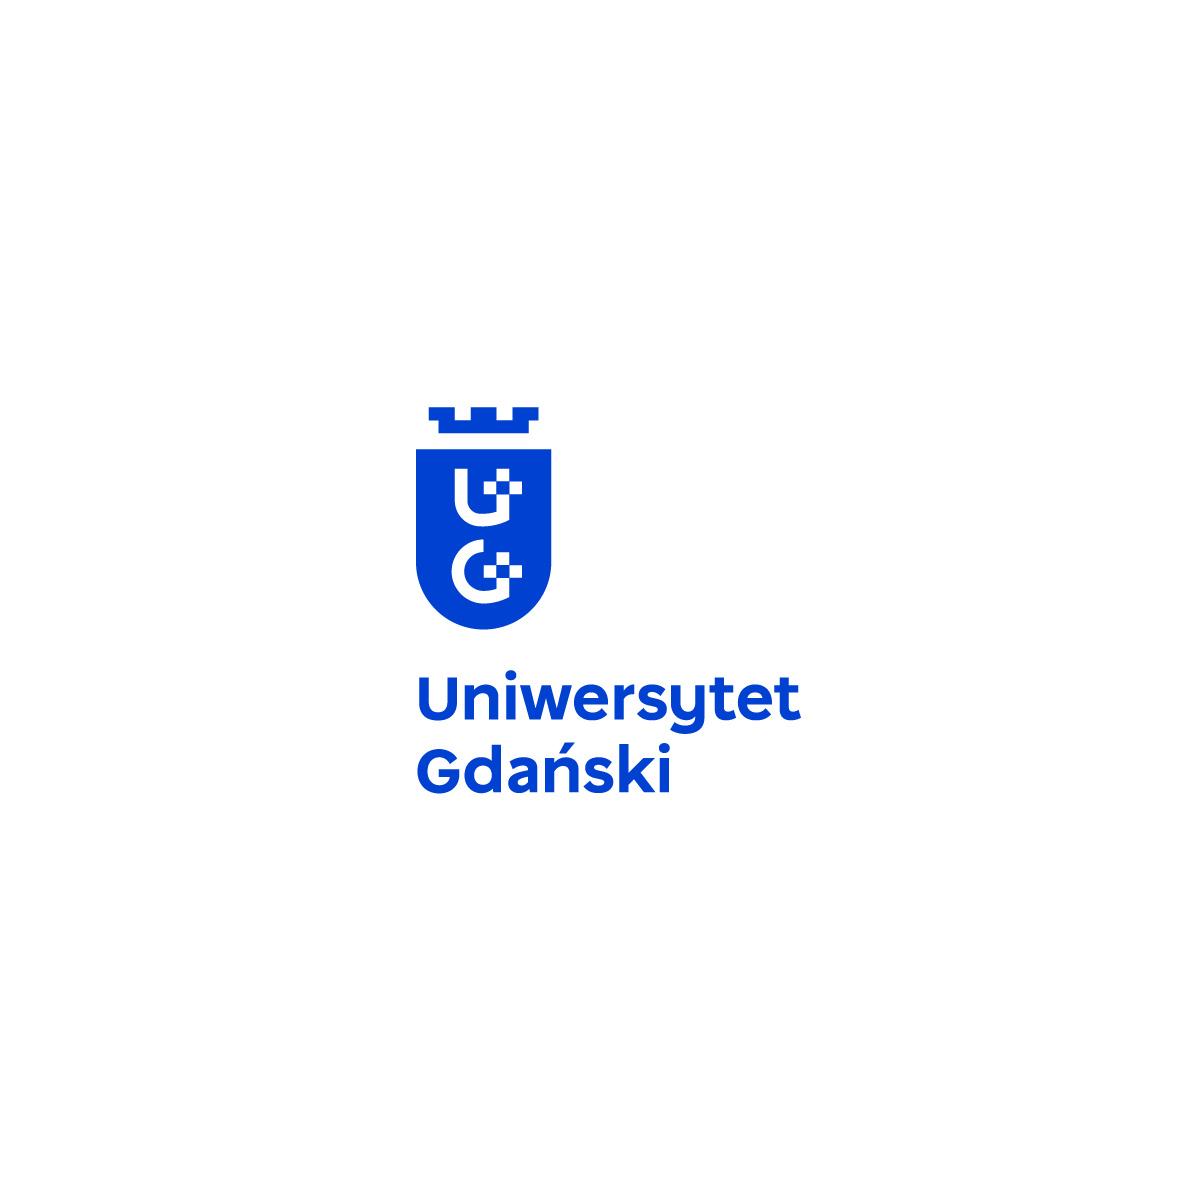 logo Uniwersytetu Gdańskiego Studio graficzne Spectro